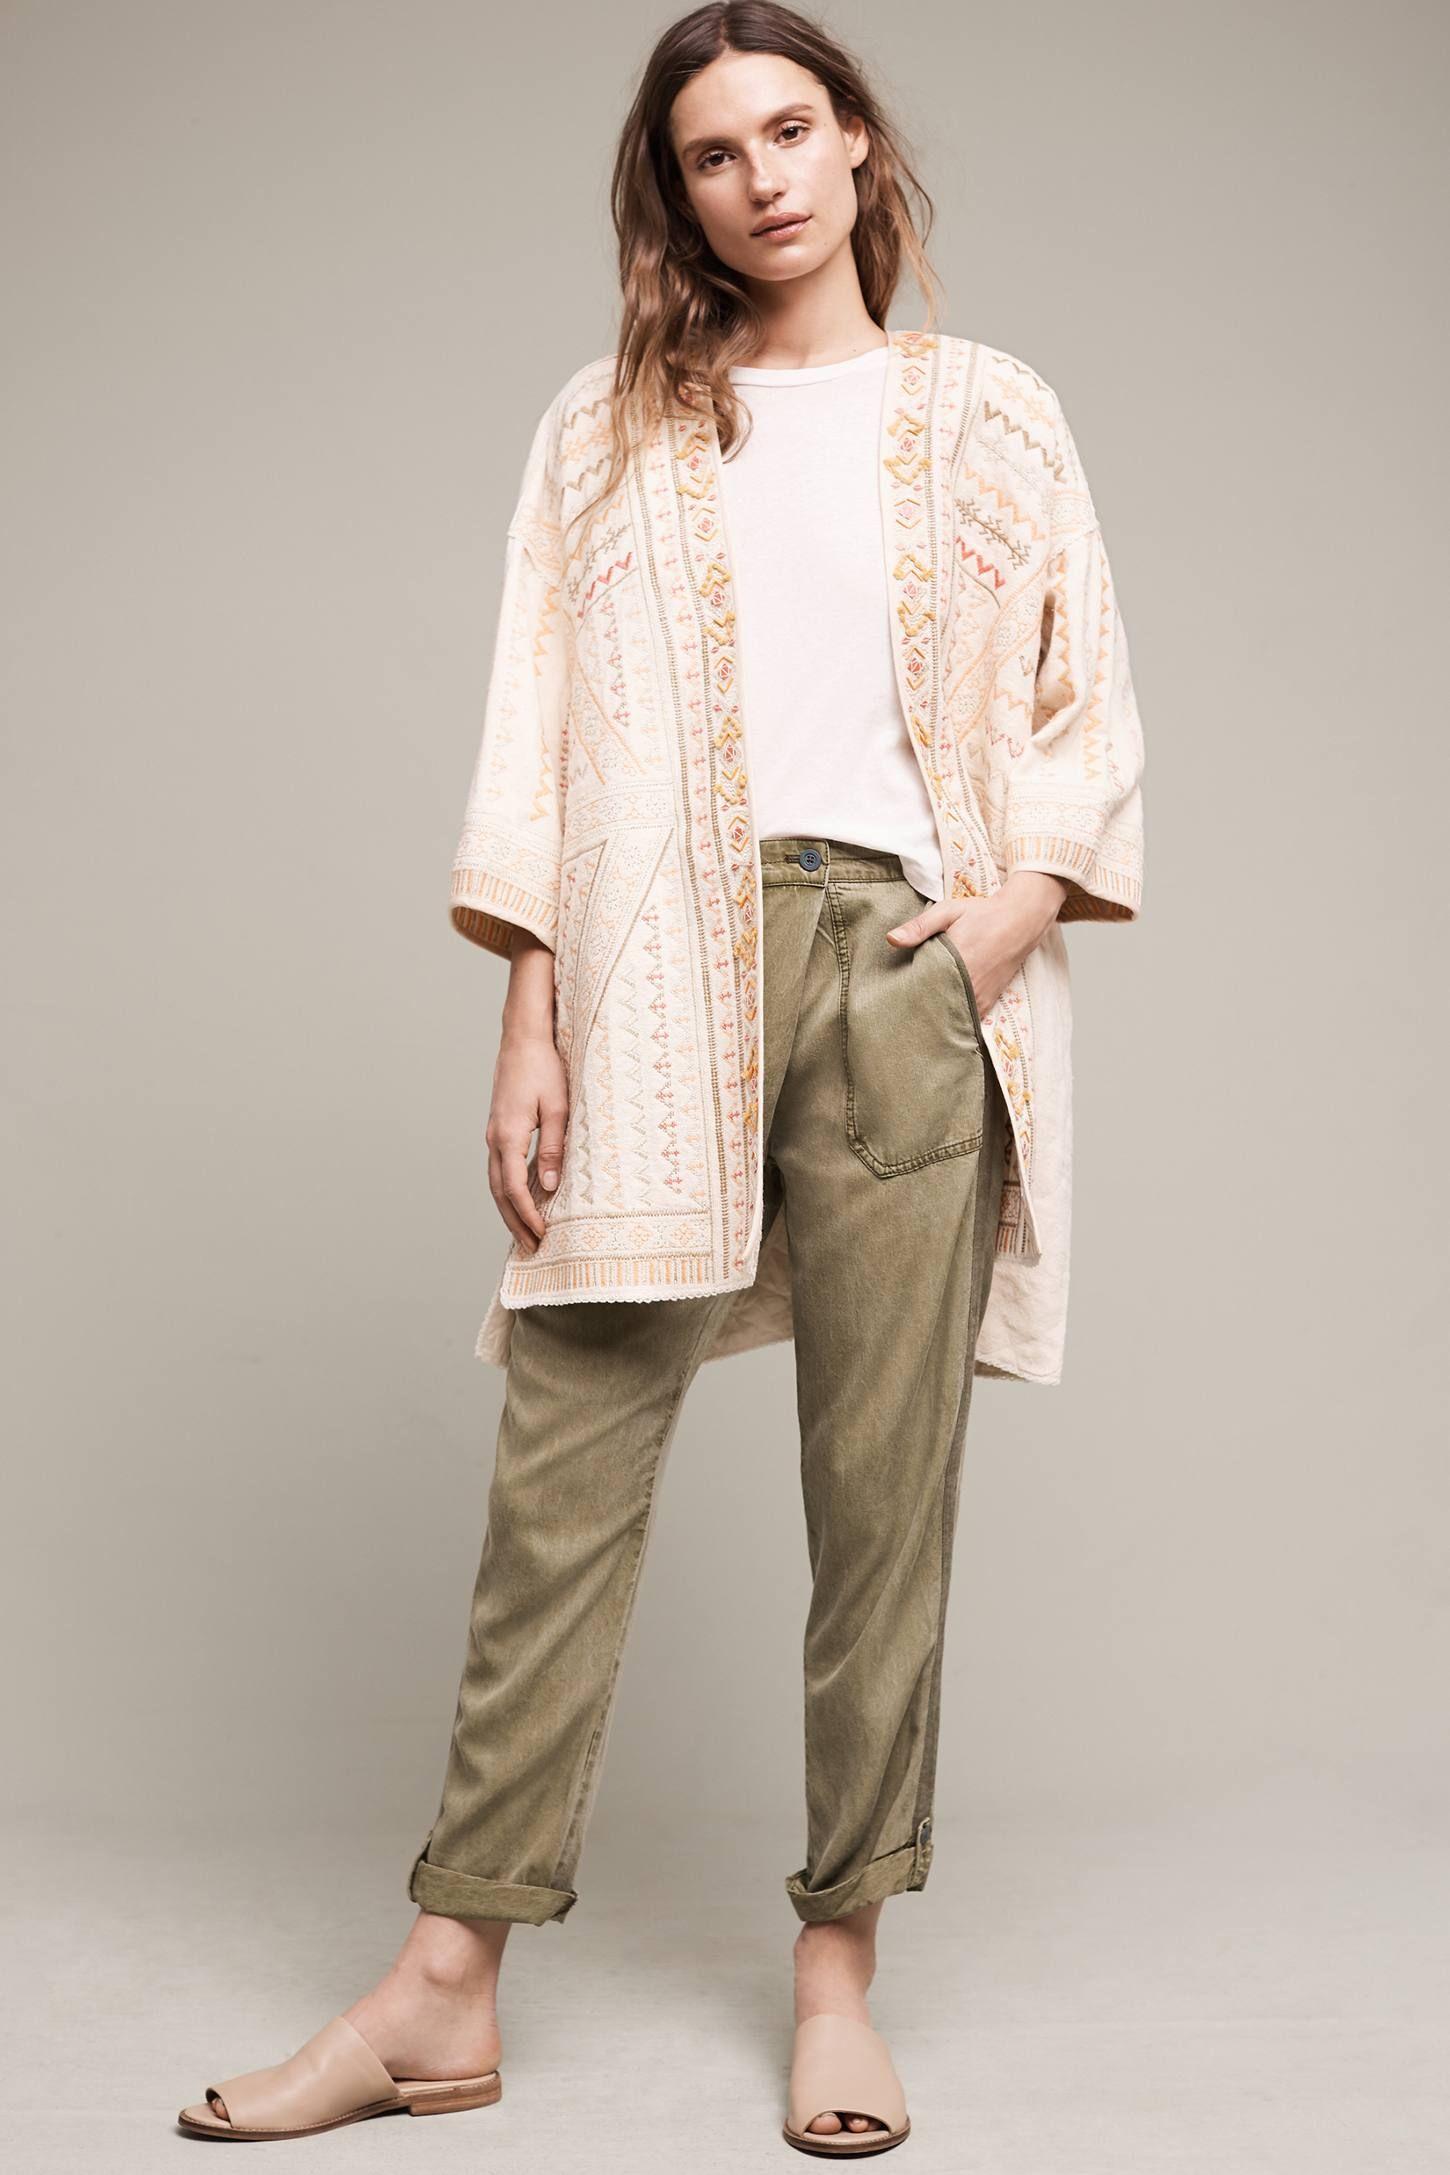 Paloma Embroidered Kimono Jacket | Kimono jacket, Kimonos and ...